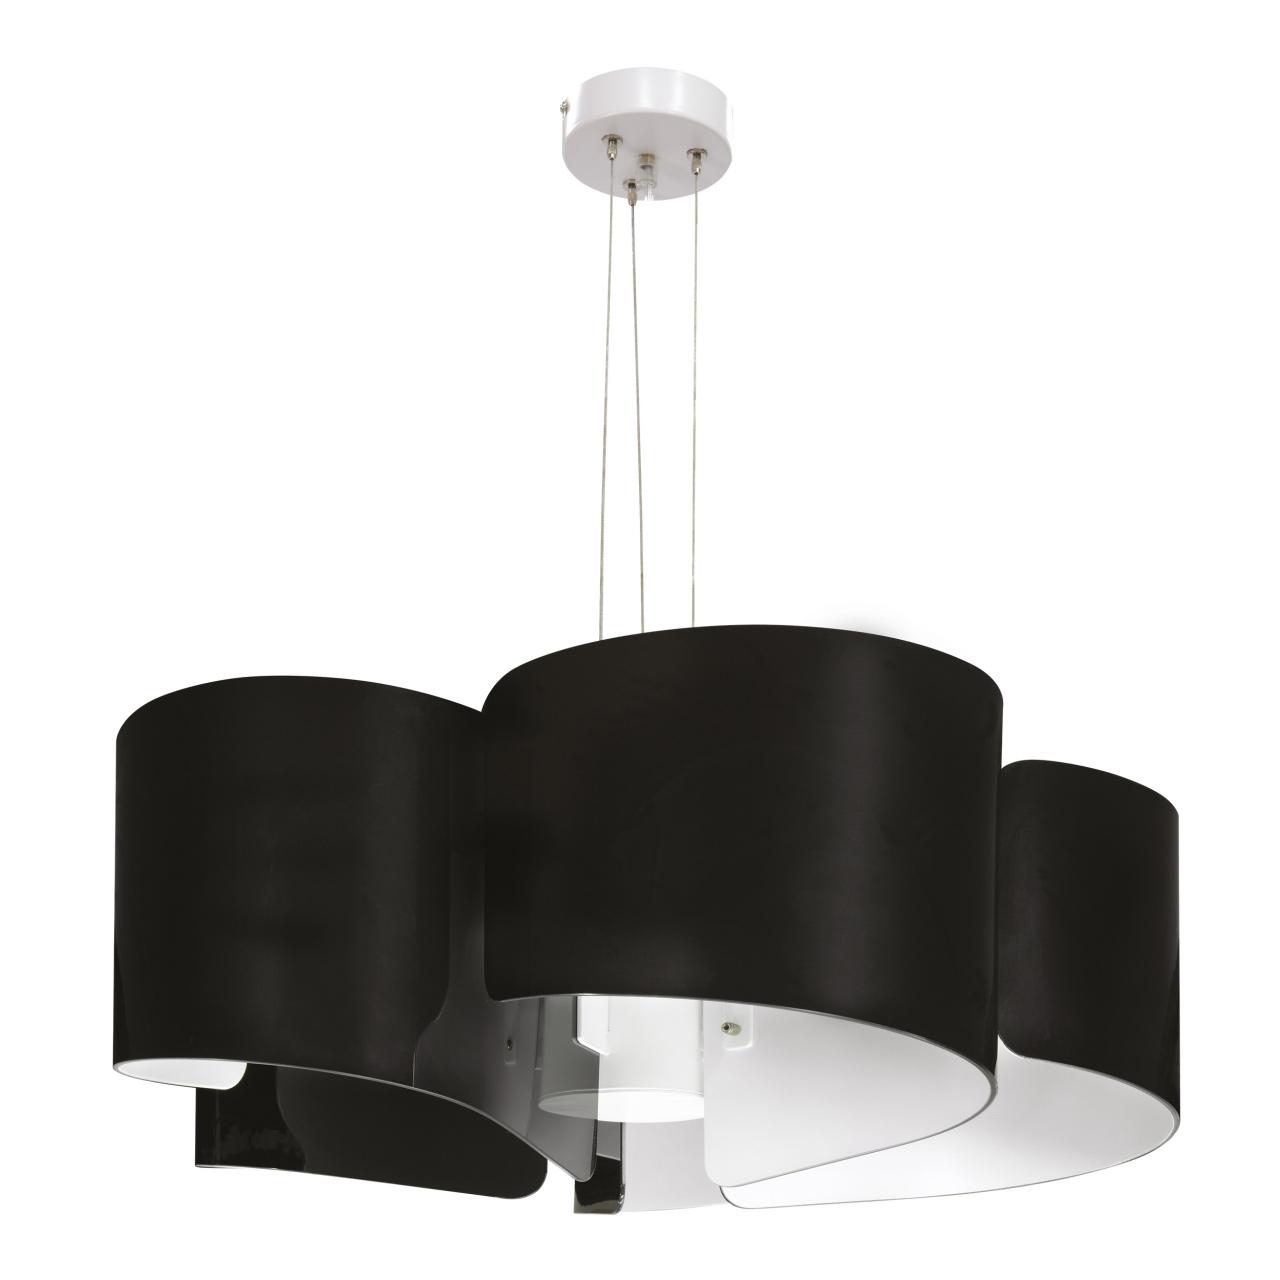 Люстра подвесная Pittore 5х40W E27 черный / белый Lightstar 811157